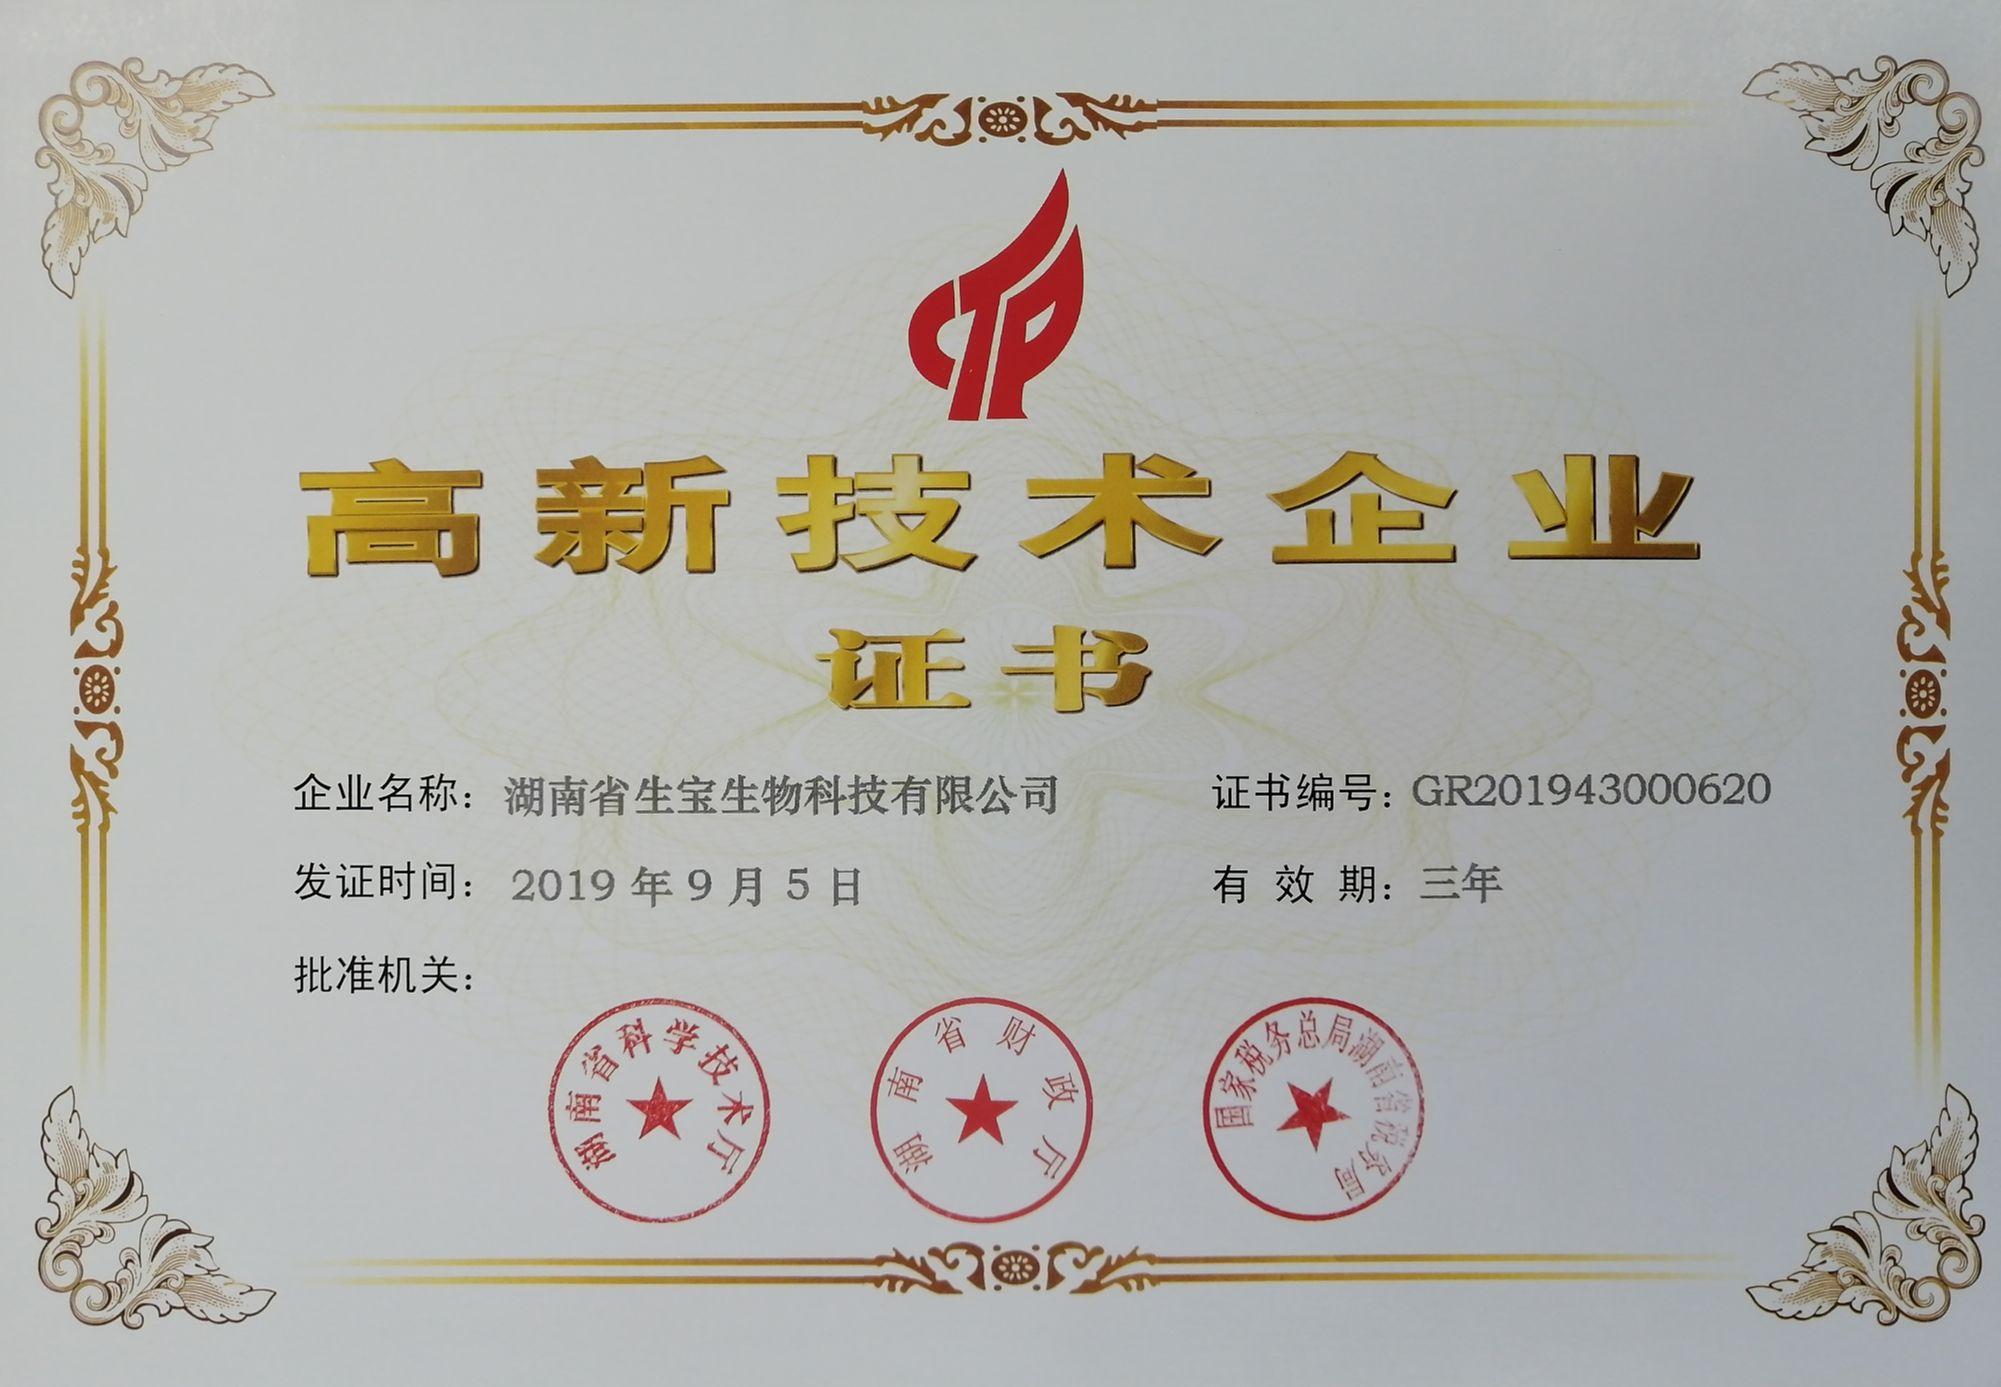 2019年再次认定为国家高新技术企业